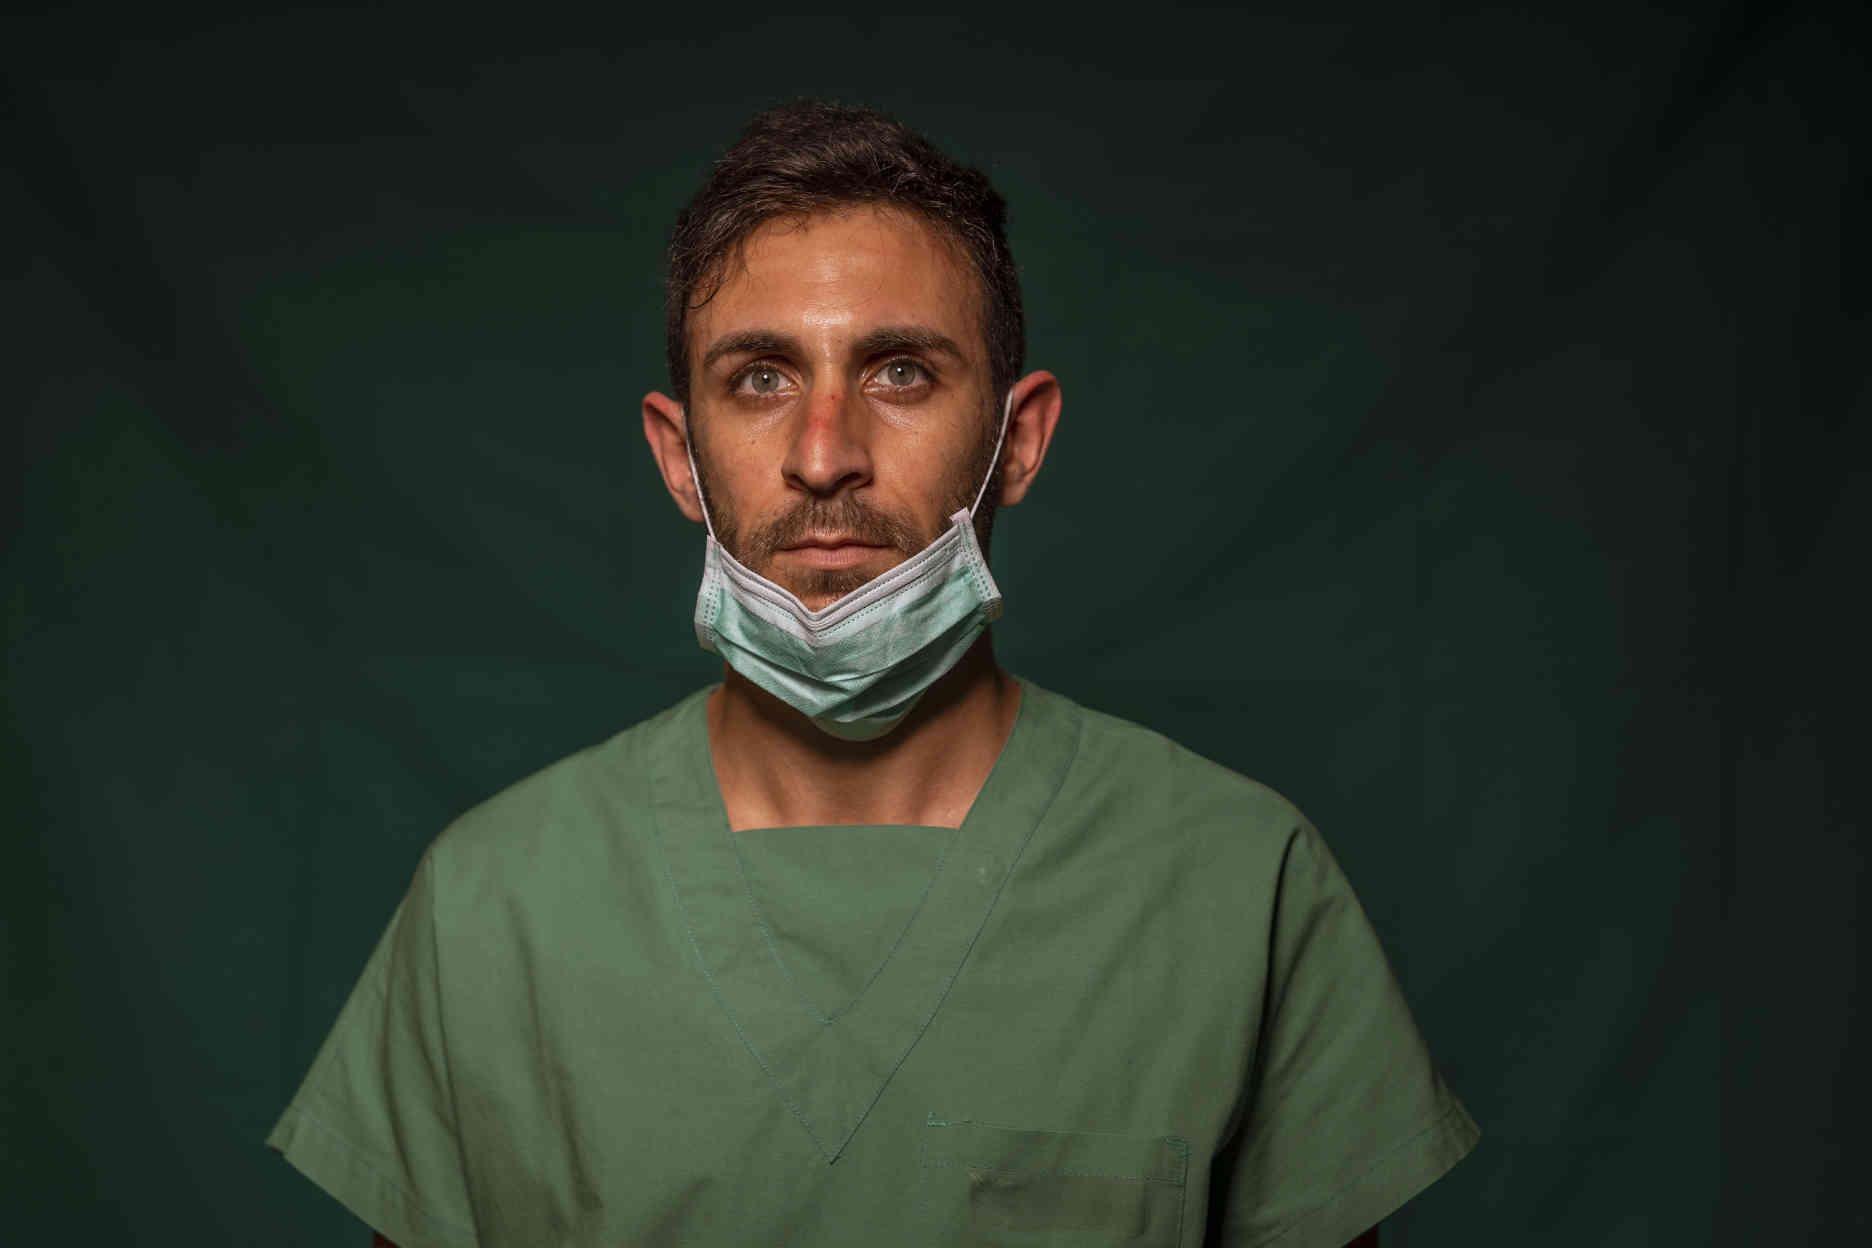 Daniele Rondinella, 30 ans, infirmier en soins intensifs à la clinique Spoke Casal Palocco de Rome.